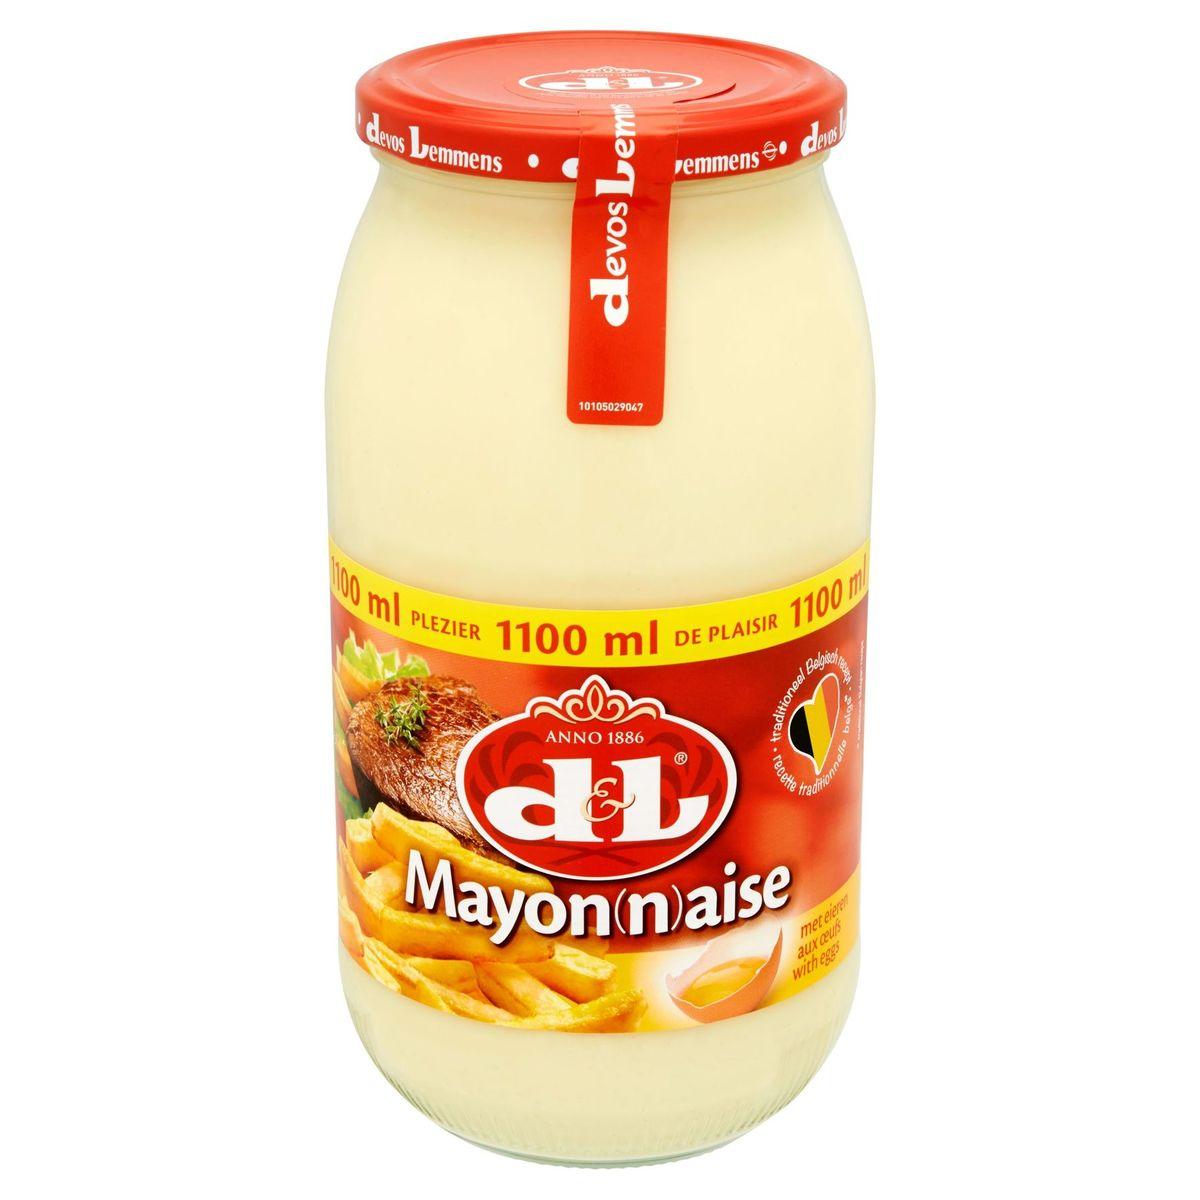 Devos Lemmens Mayonnaise aux Oeufs 1100 ml